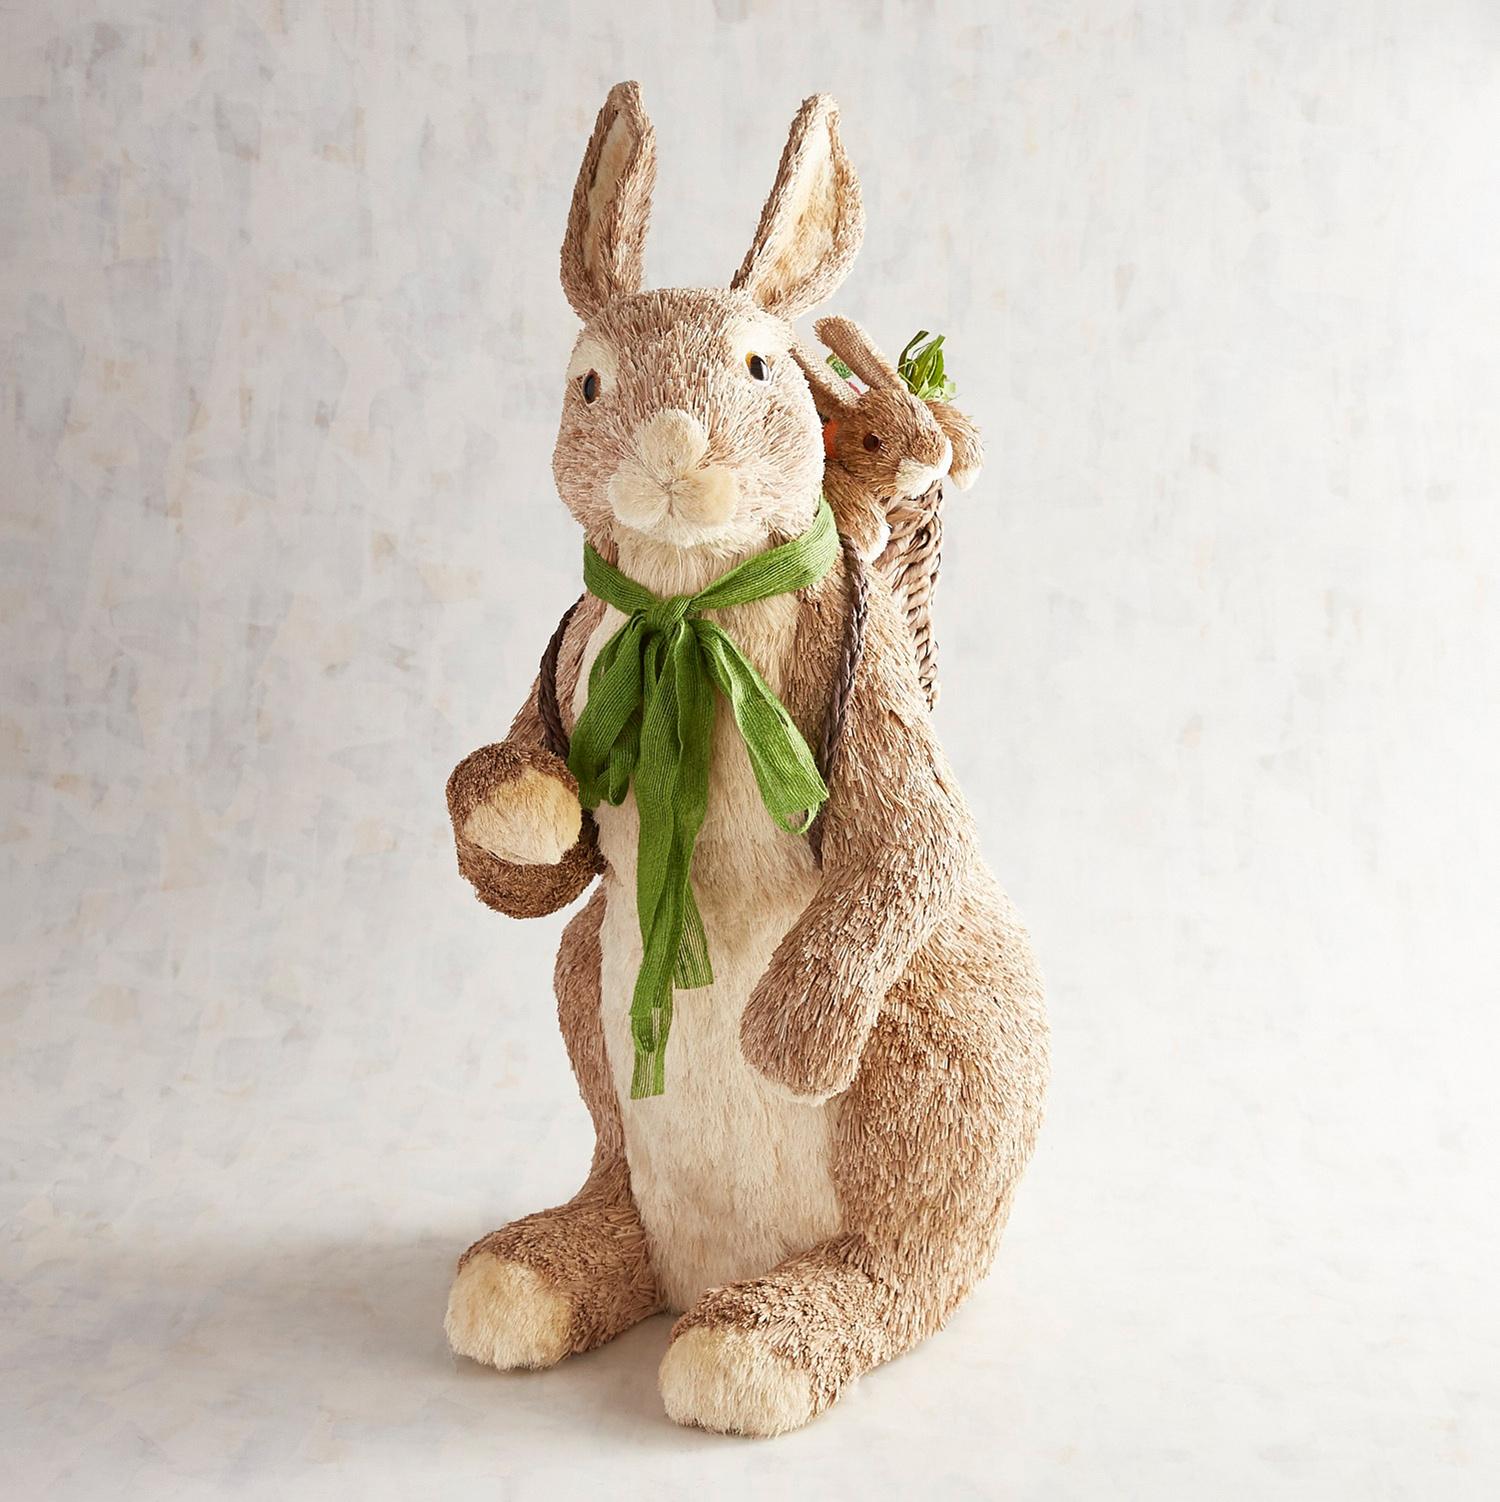 Barney & Binx the Natural Bunnies